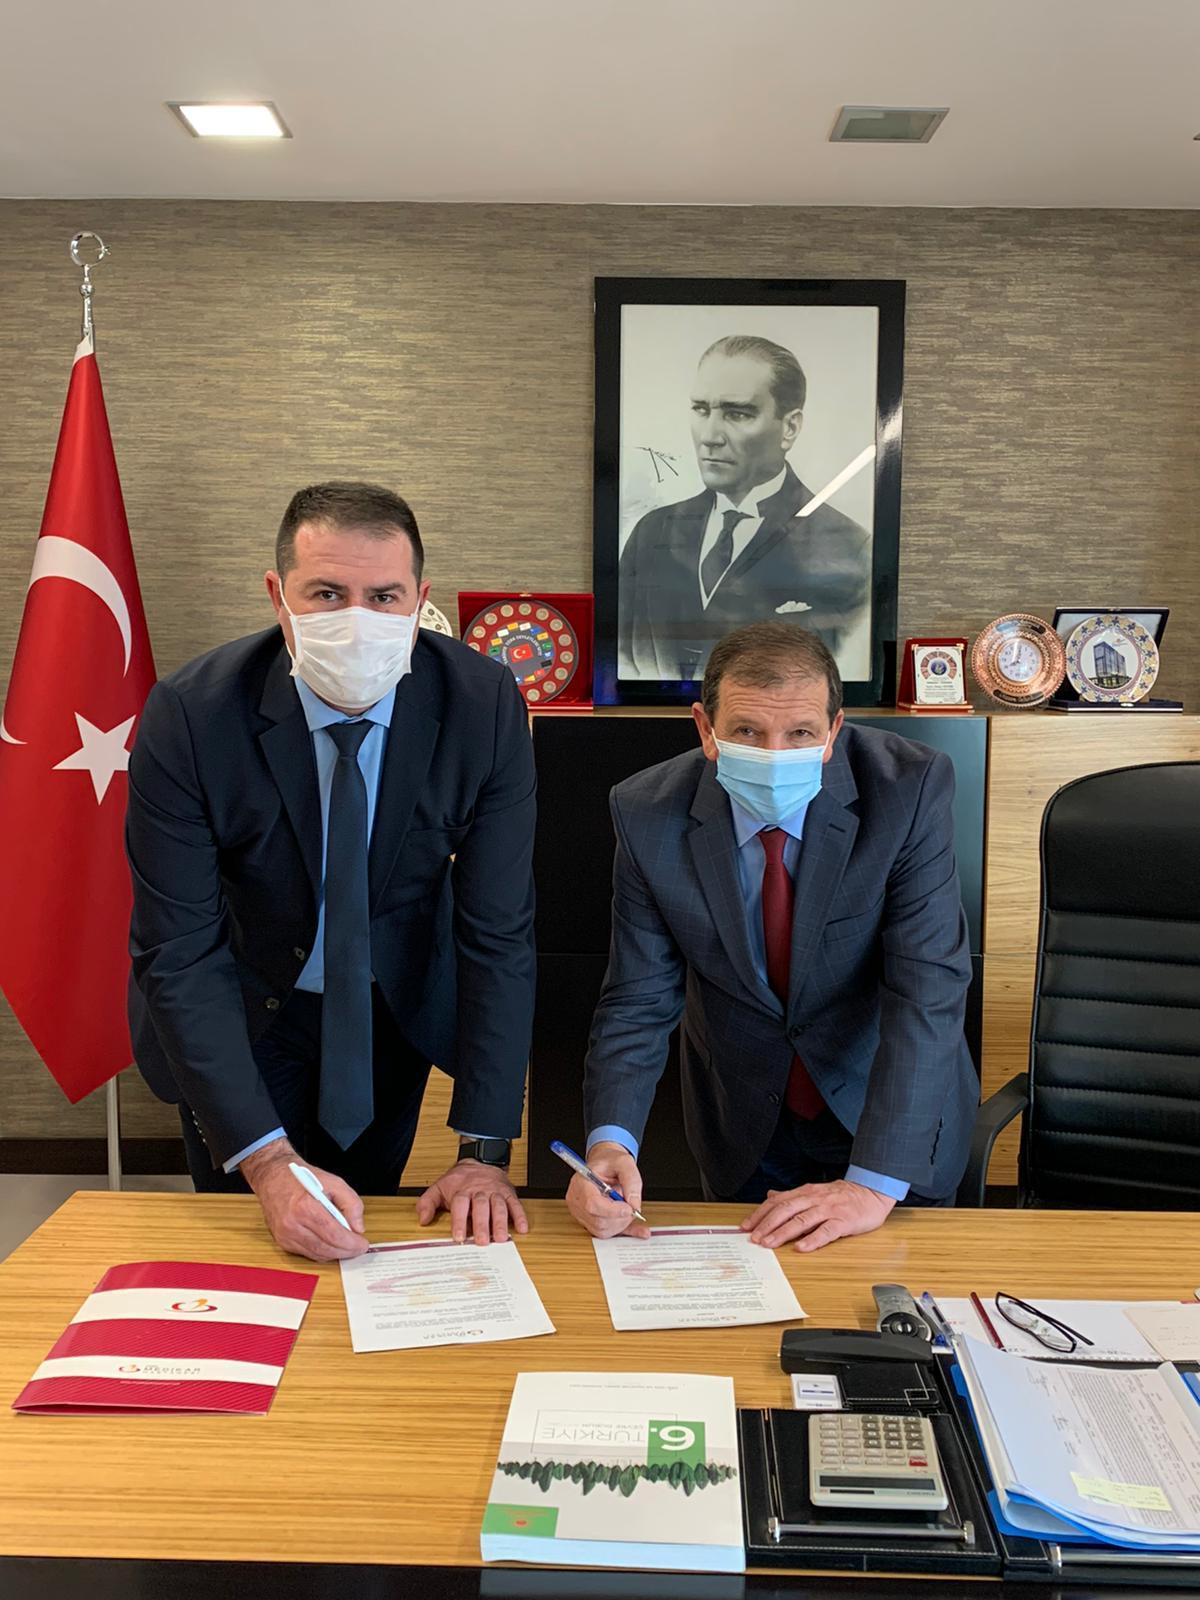 Müdürlüğümüz ile Karabük Özel Medikar Hastanesi arasında sözleşme imzalandı.